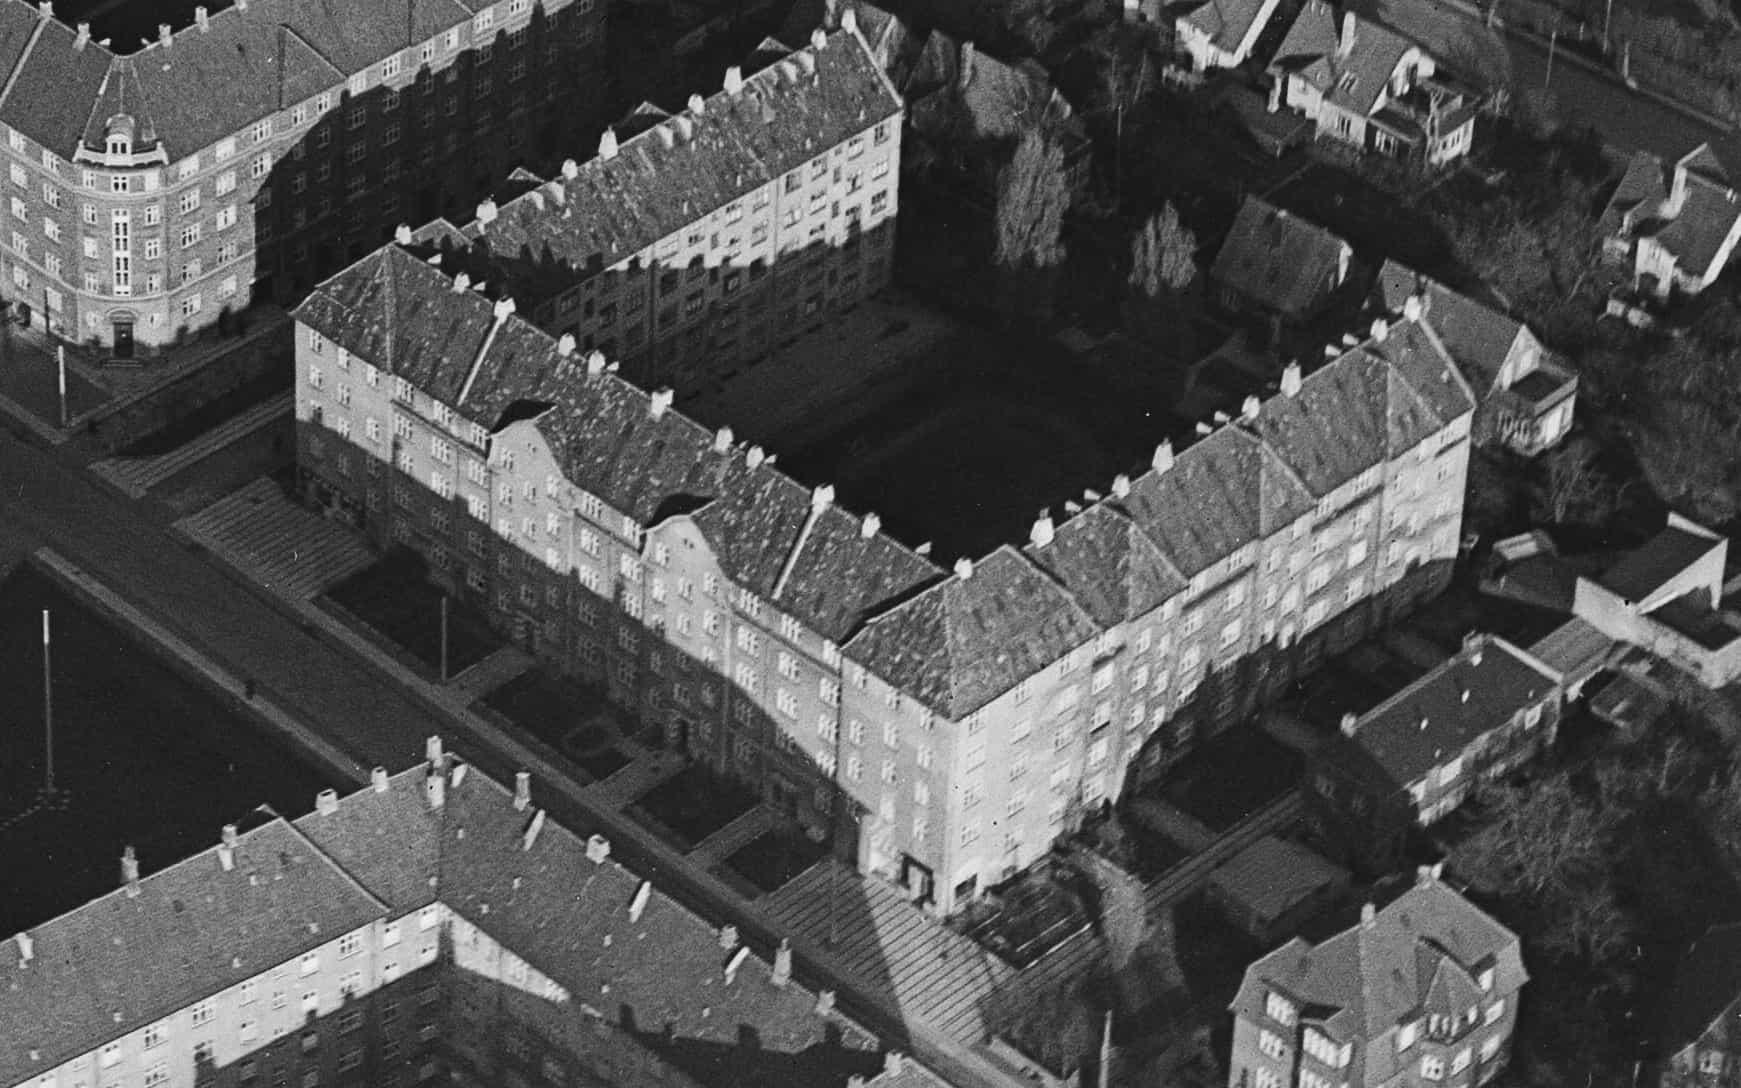 Luftfoto af A/B Tjenestemændenes Byggeforening 1950-1954. Ophav: Kgl. Bibliotek, fotograf Svend Andersen.